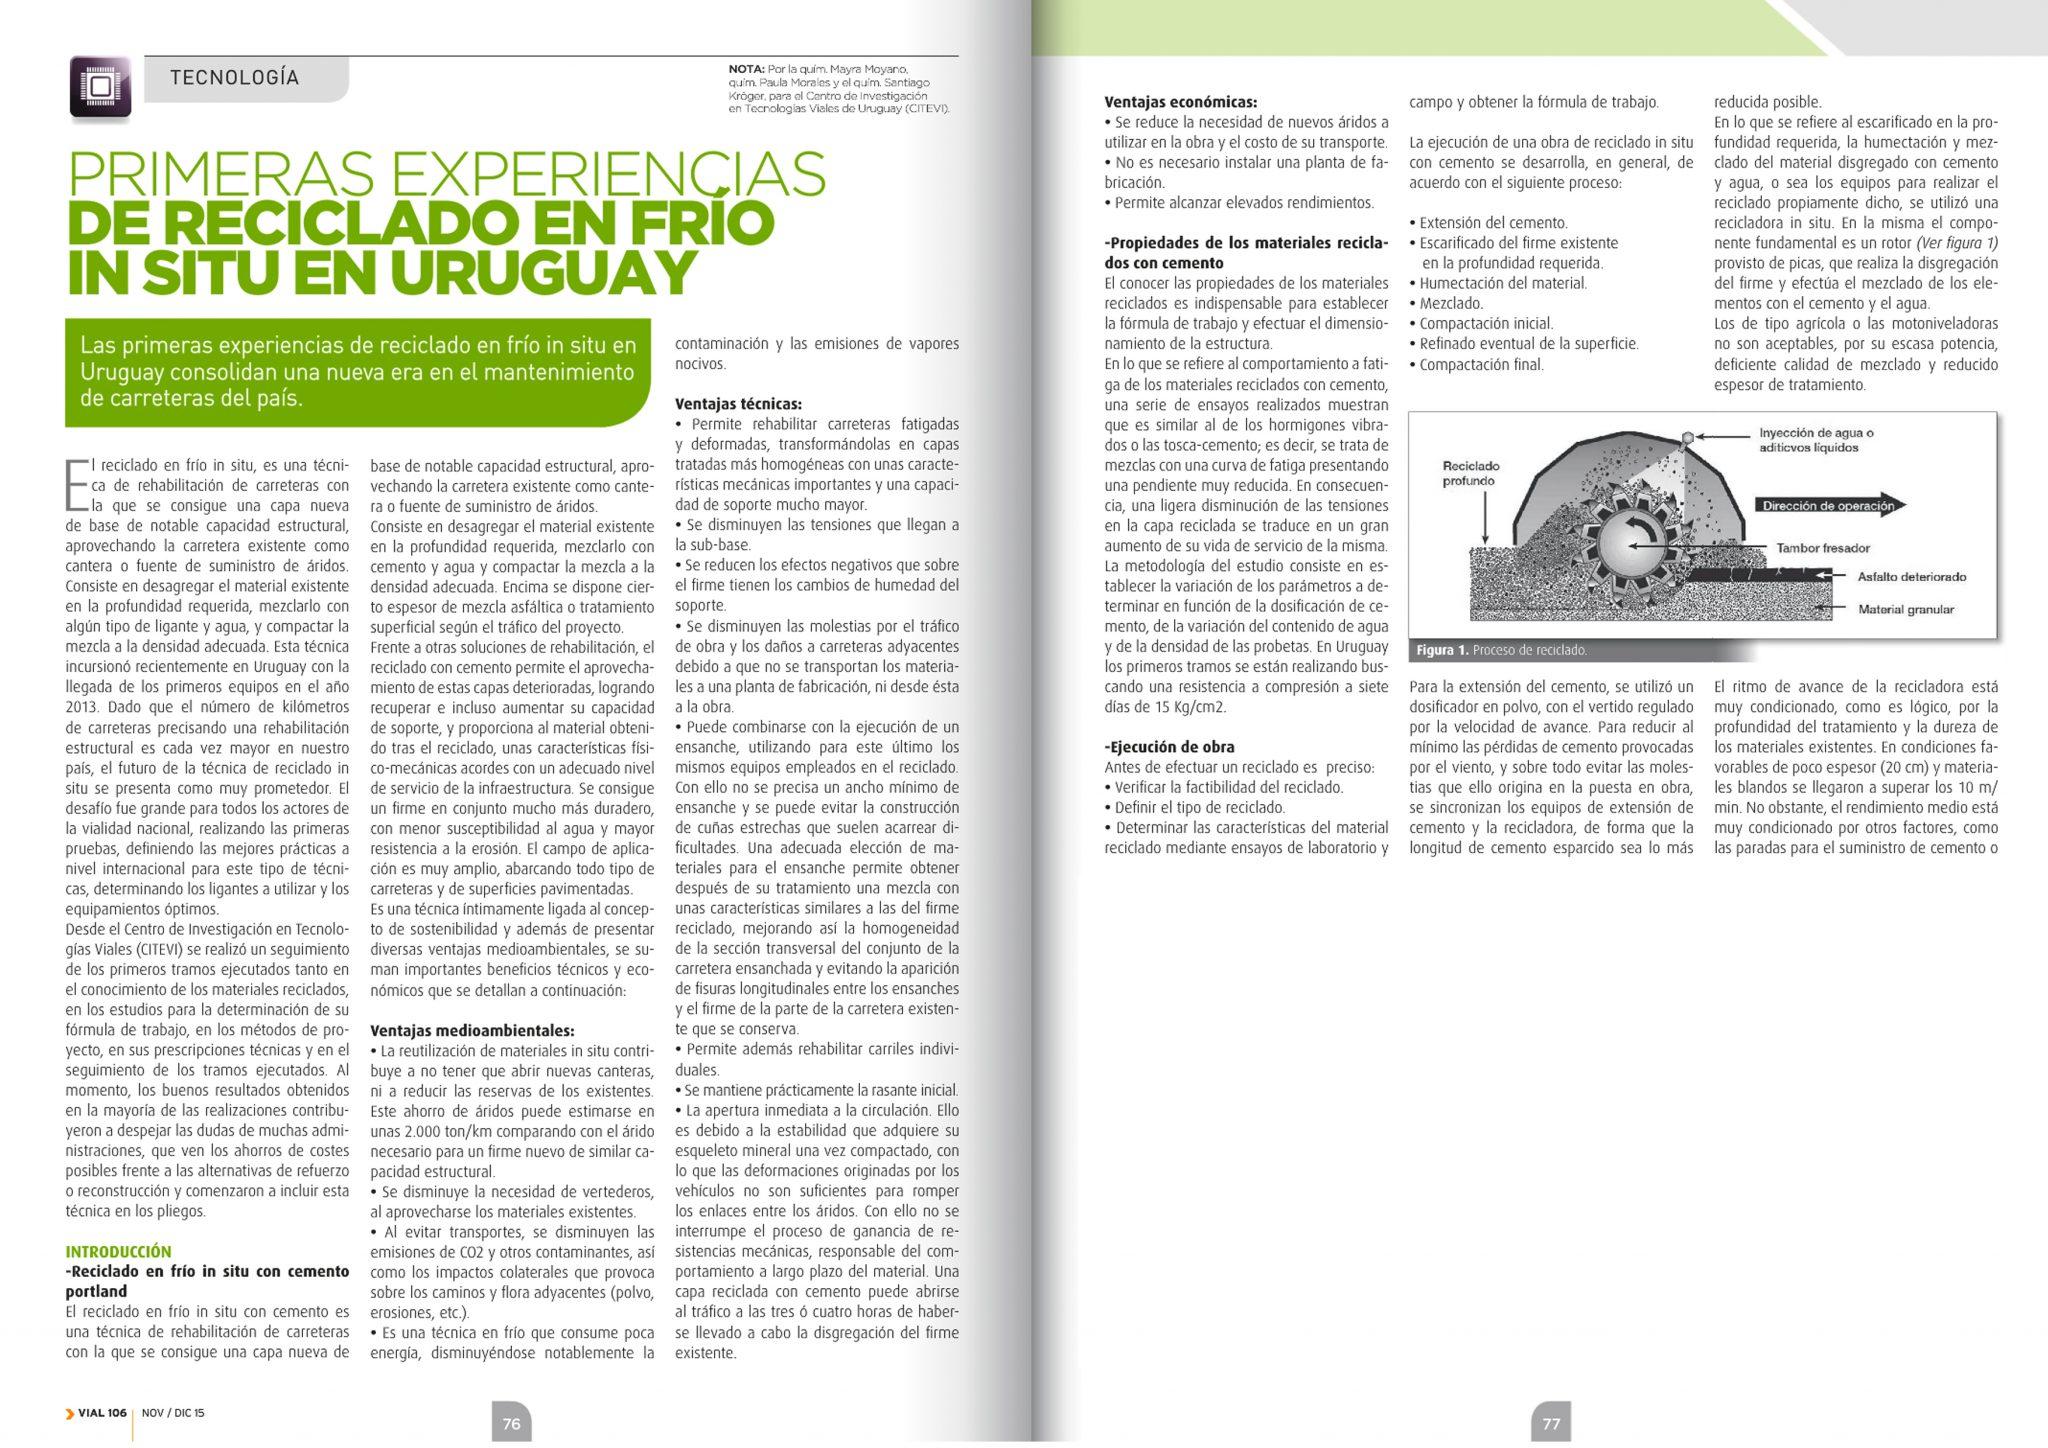 Primeras experiencias de reciclado en frío in situ en Uruguay